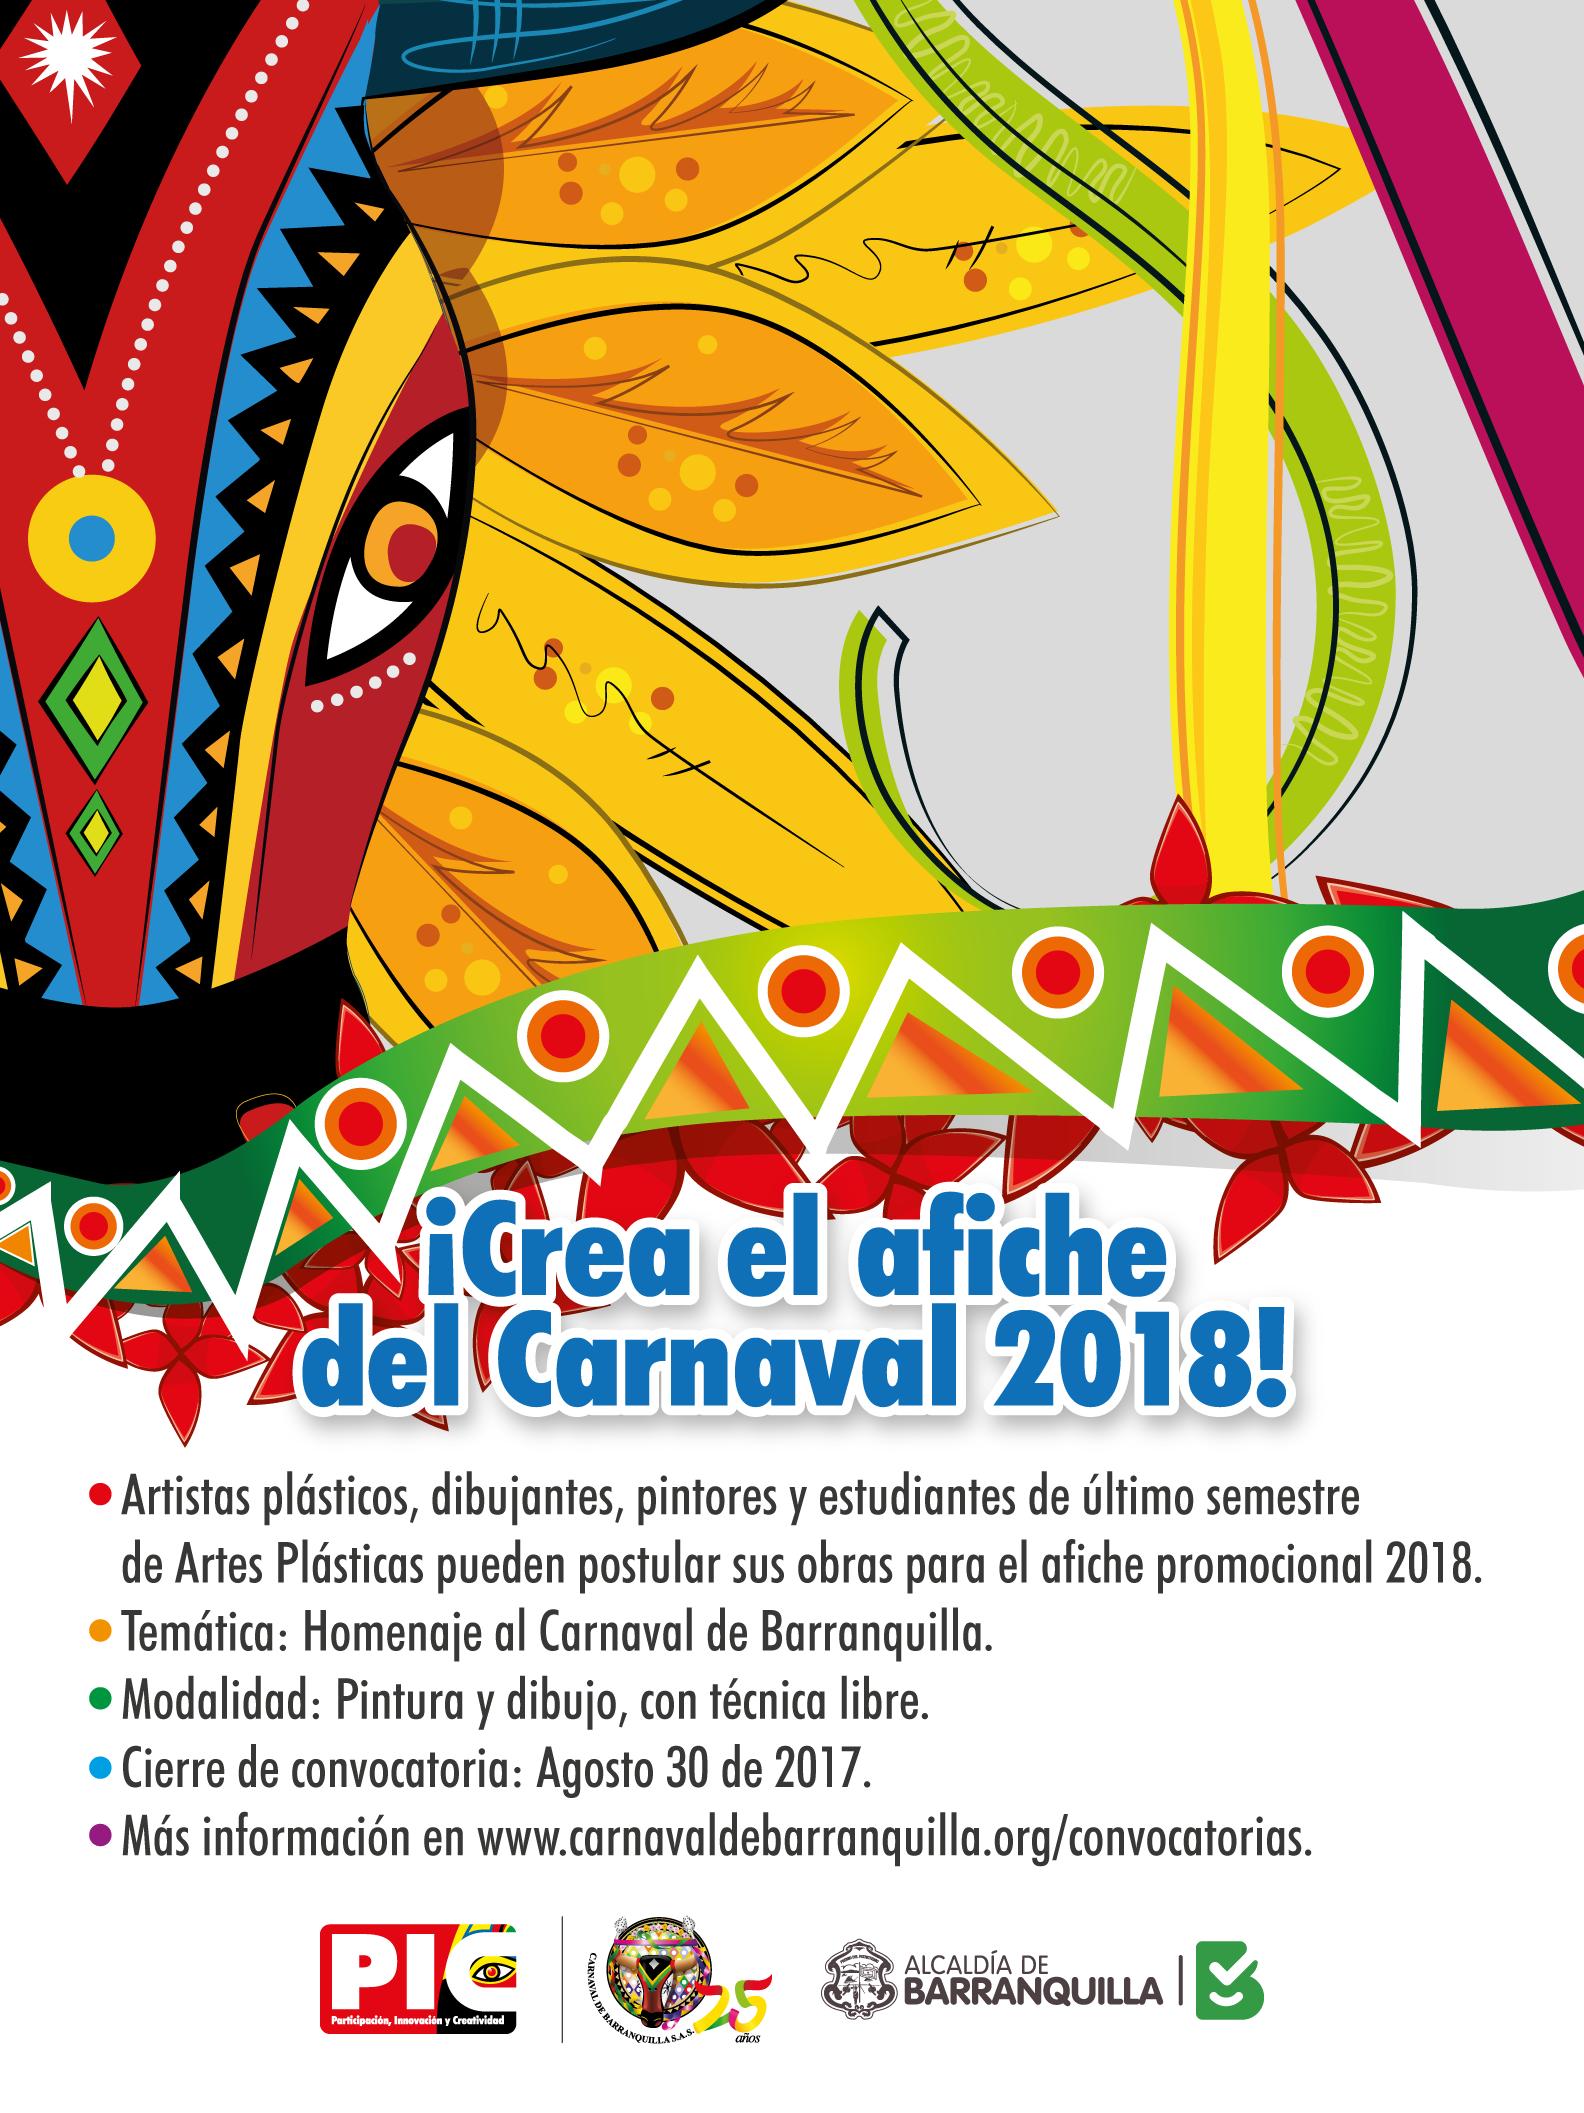 Abierta convocatoria para diseño de afiche y carrozas del Carnaval 2018